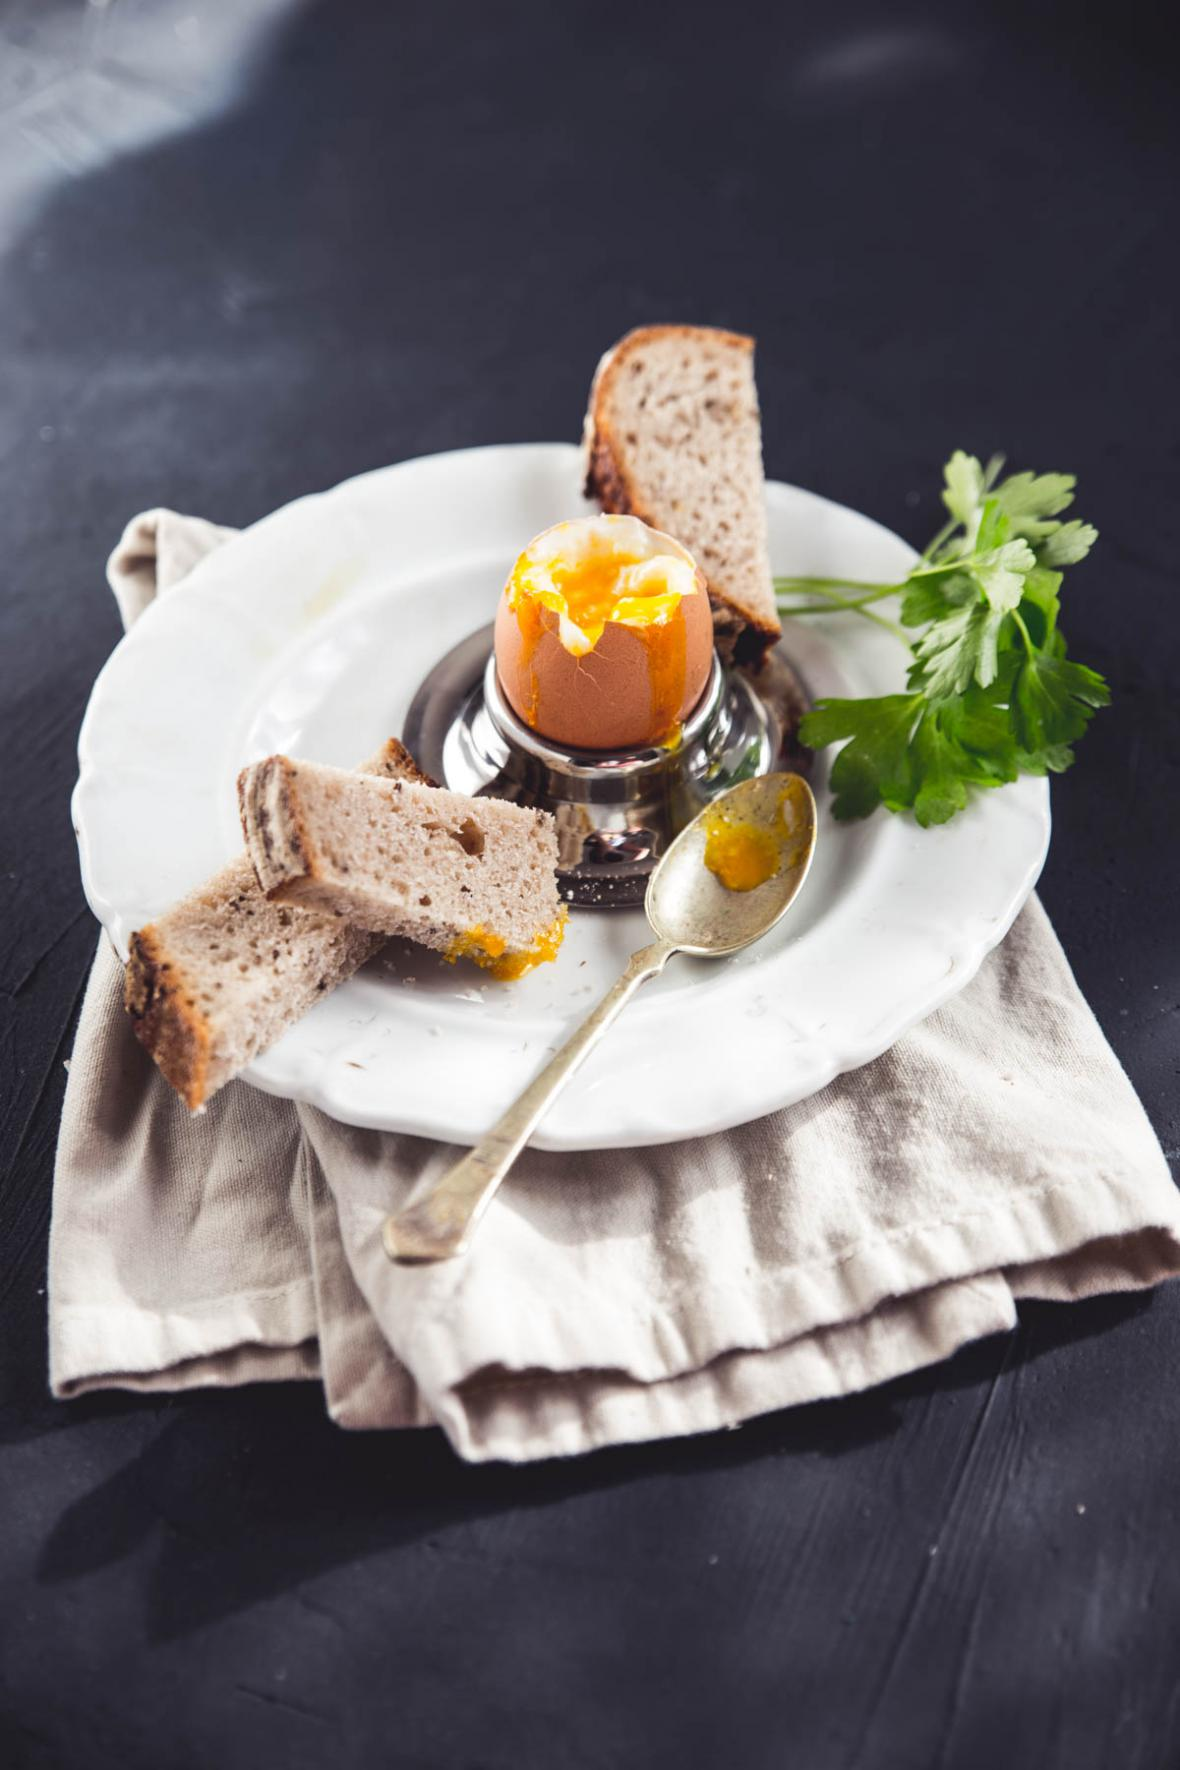 Snídaně podle Petry Novotné